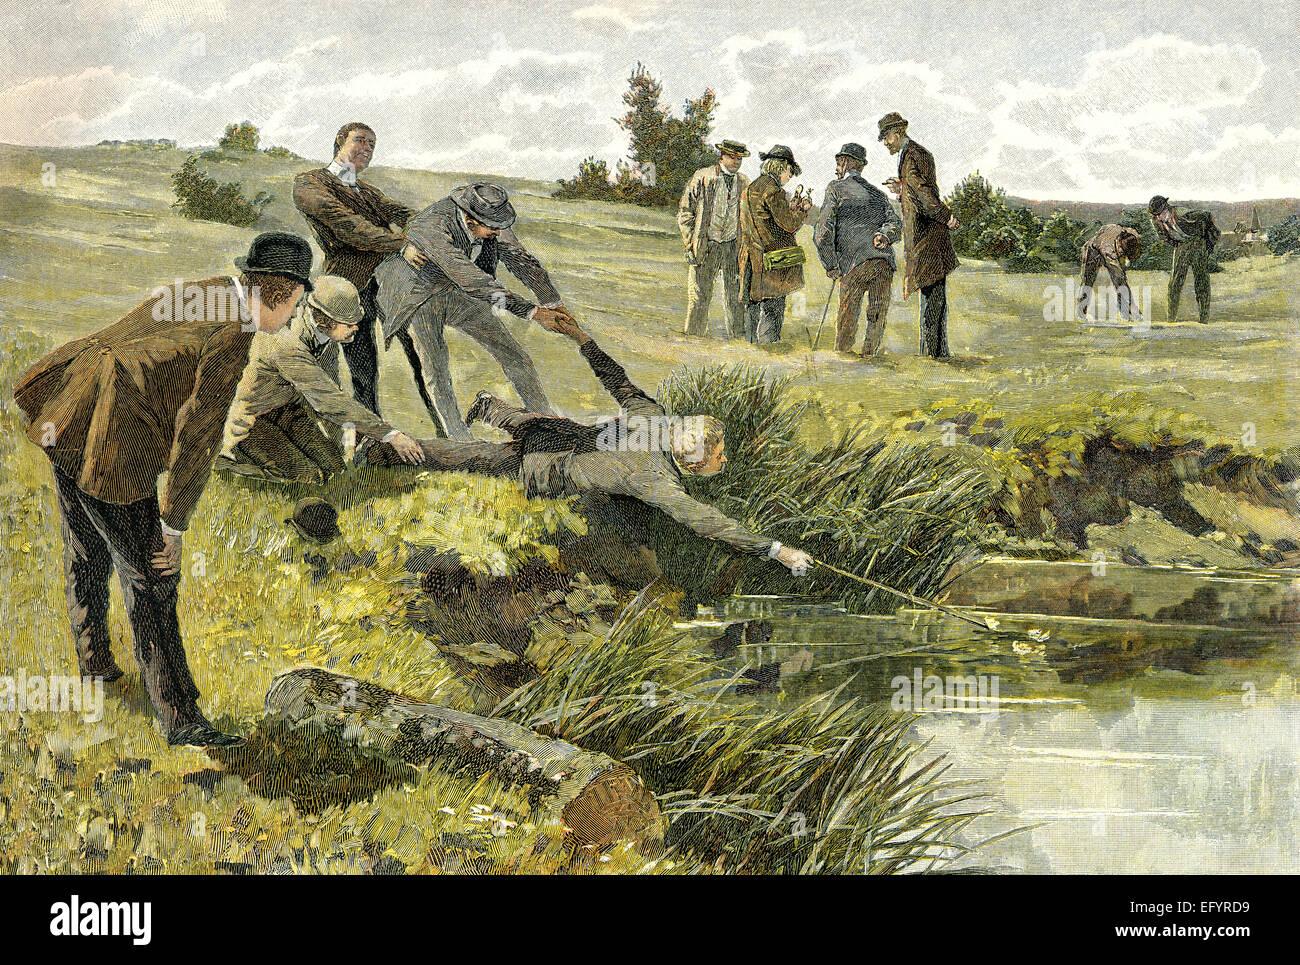 a man trying to get a rare plant from a pond, c. 1895, by Hey, ein Mann versucht eine seltene Pflanze aus einem - Stock Image